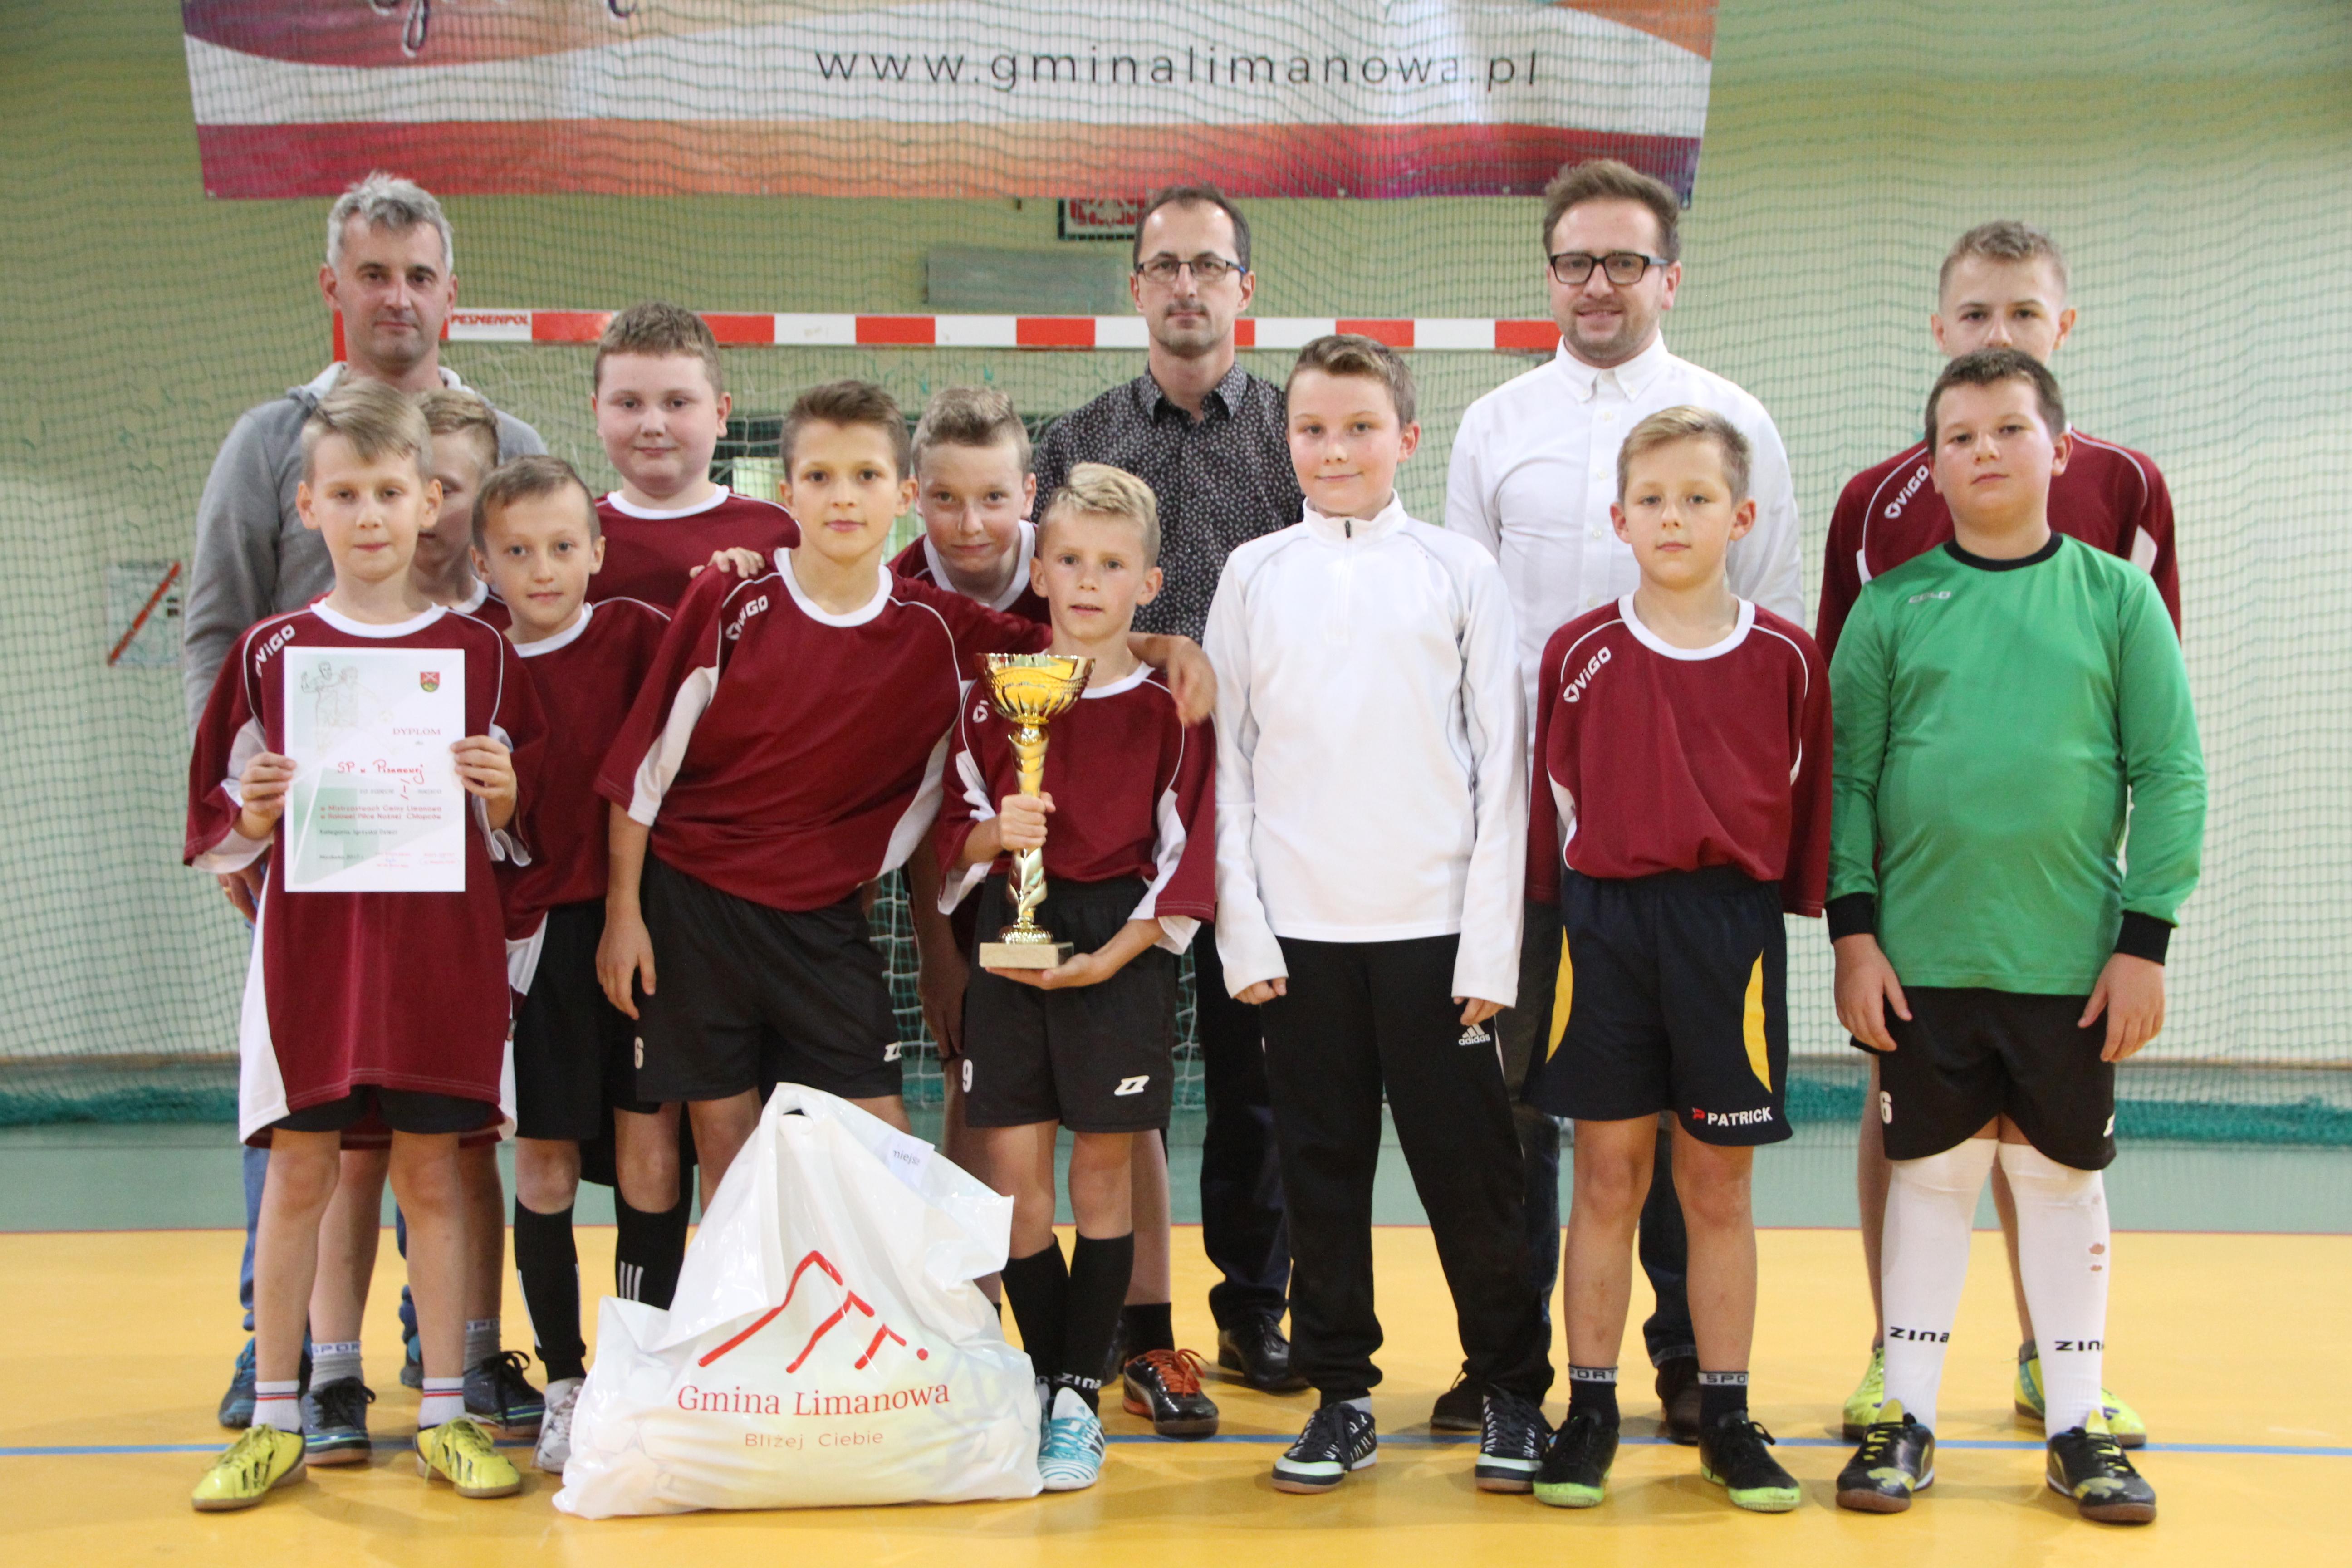 Chłopcy z Pisarzowej mistrzami gminy w halowej piłce nożnej - zdjęcie główne